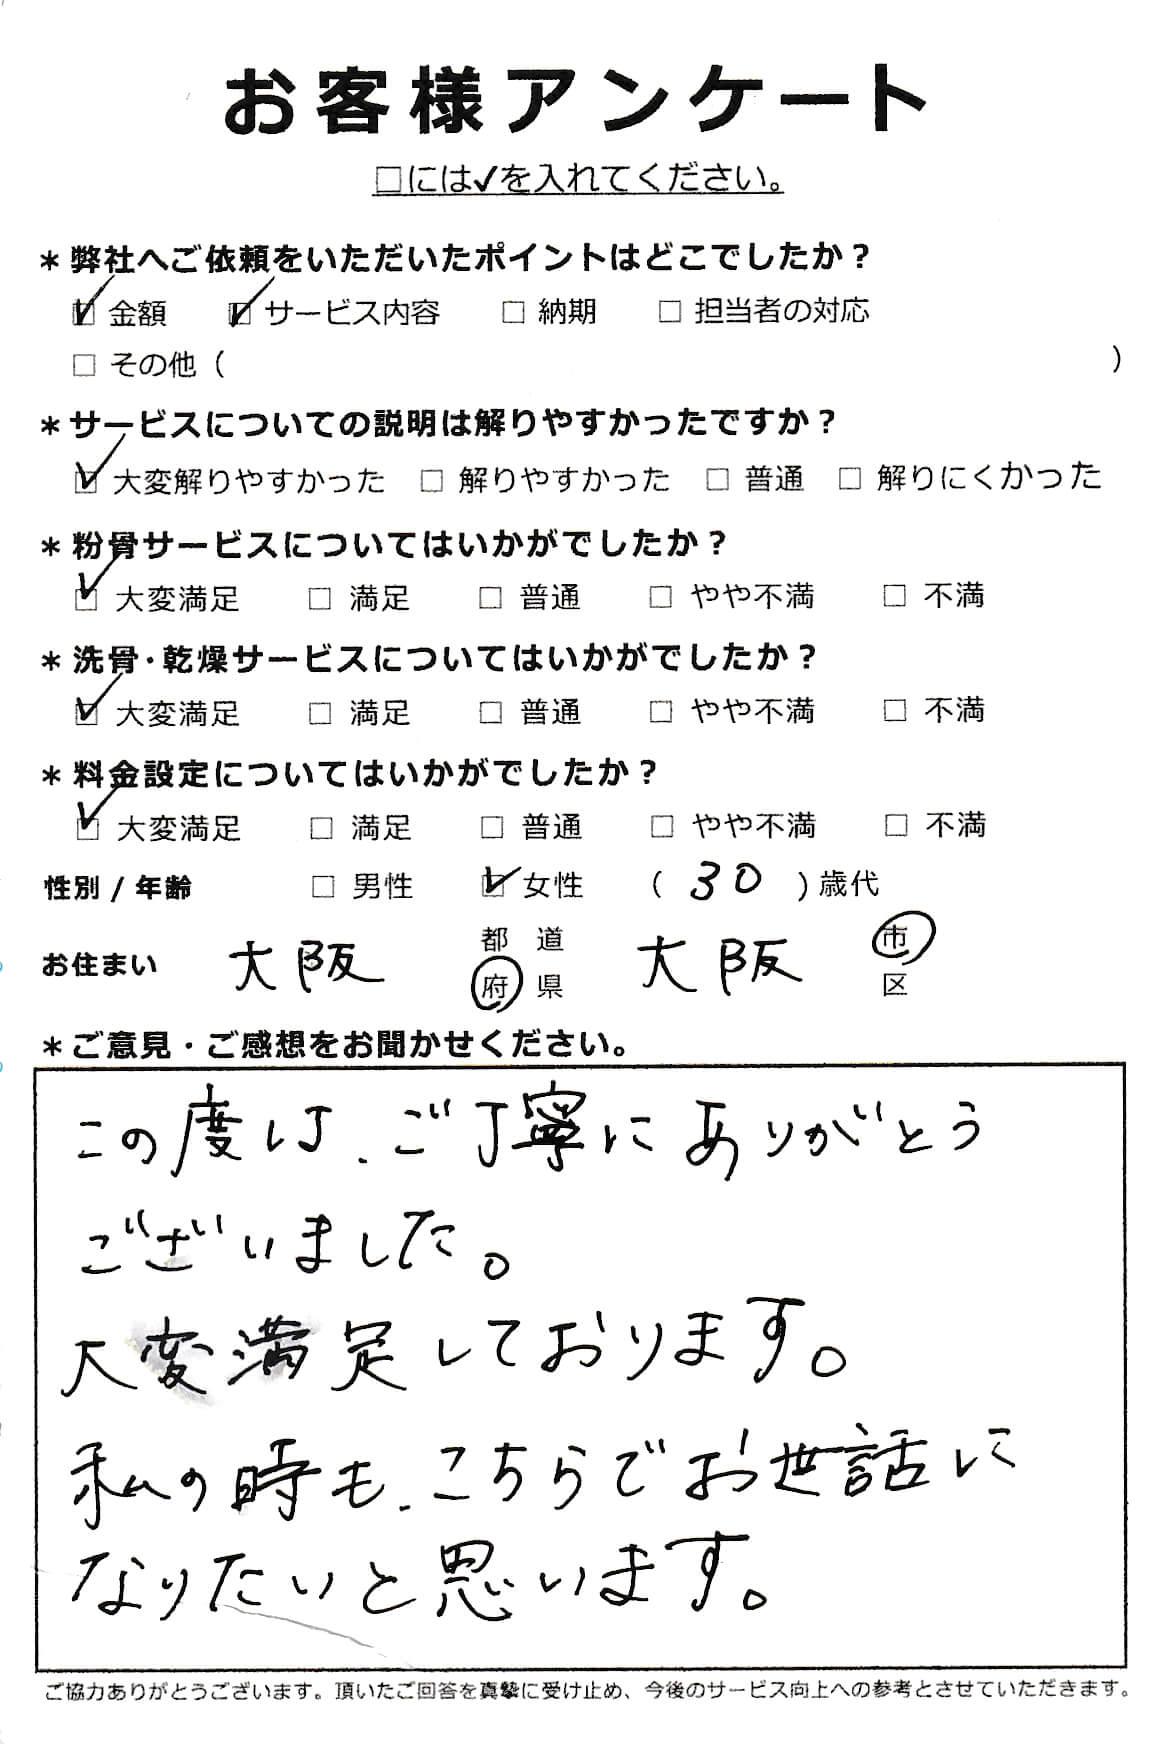 大阪府大阪市での粉骨・散骨サービス